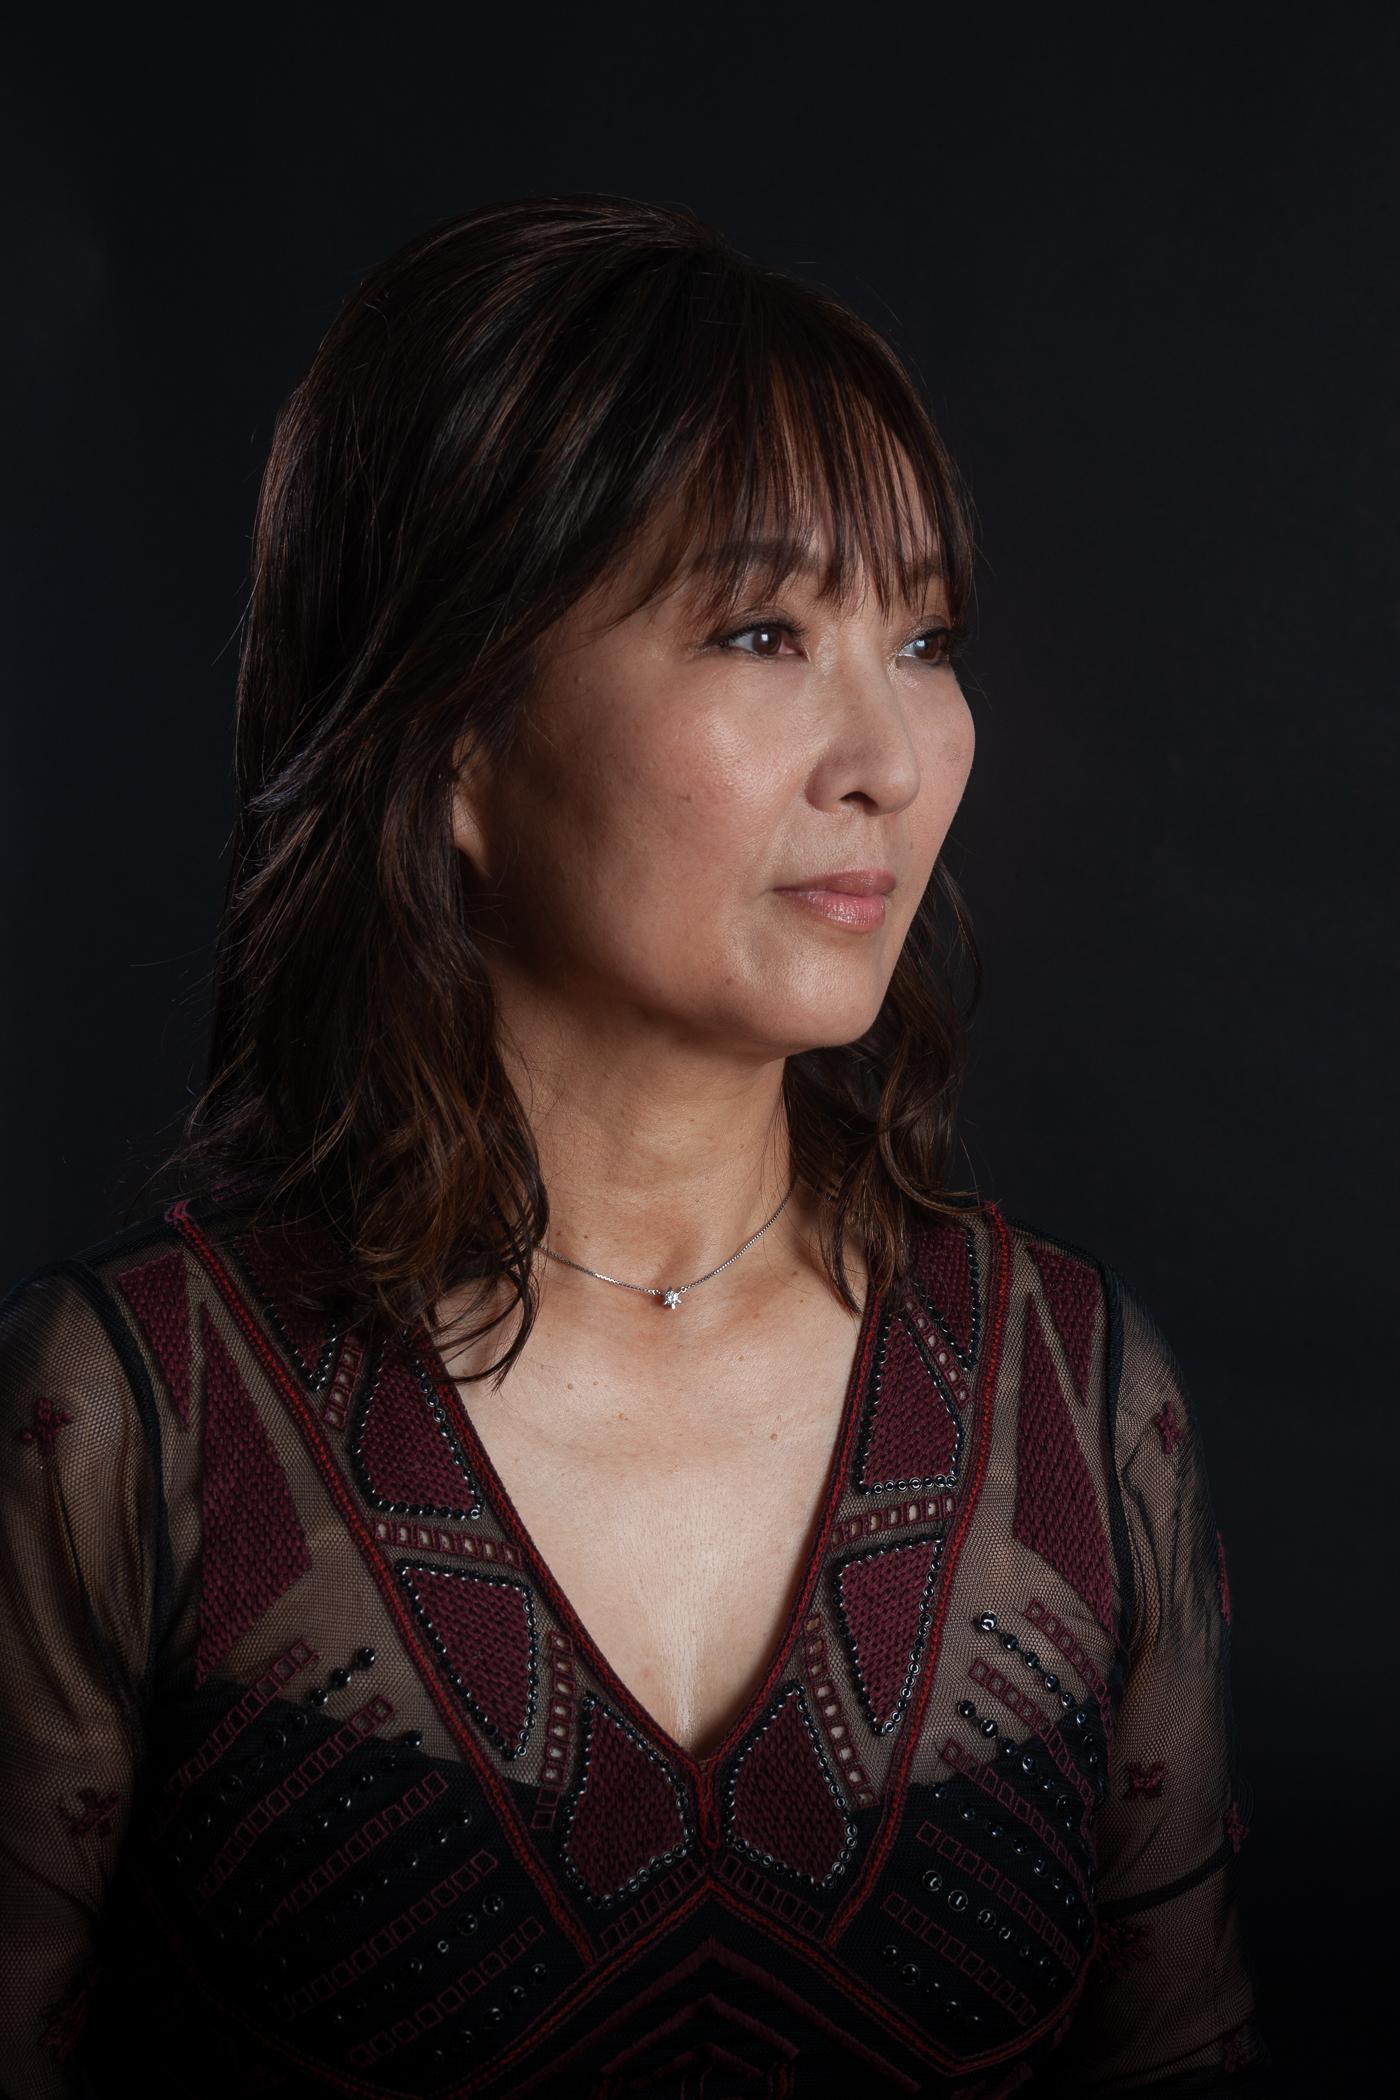 Reiko Fujisawa 022 (credit Lucinda Douglas Menzies)